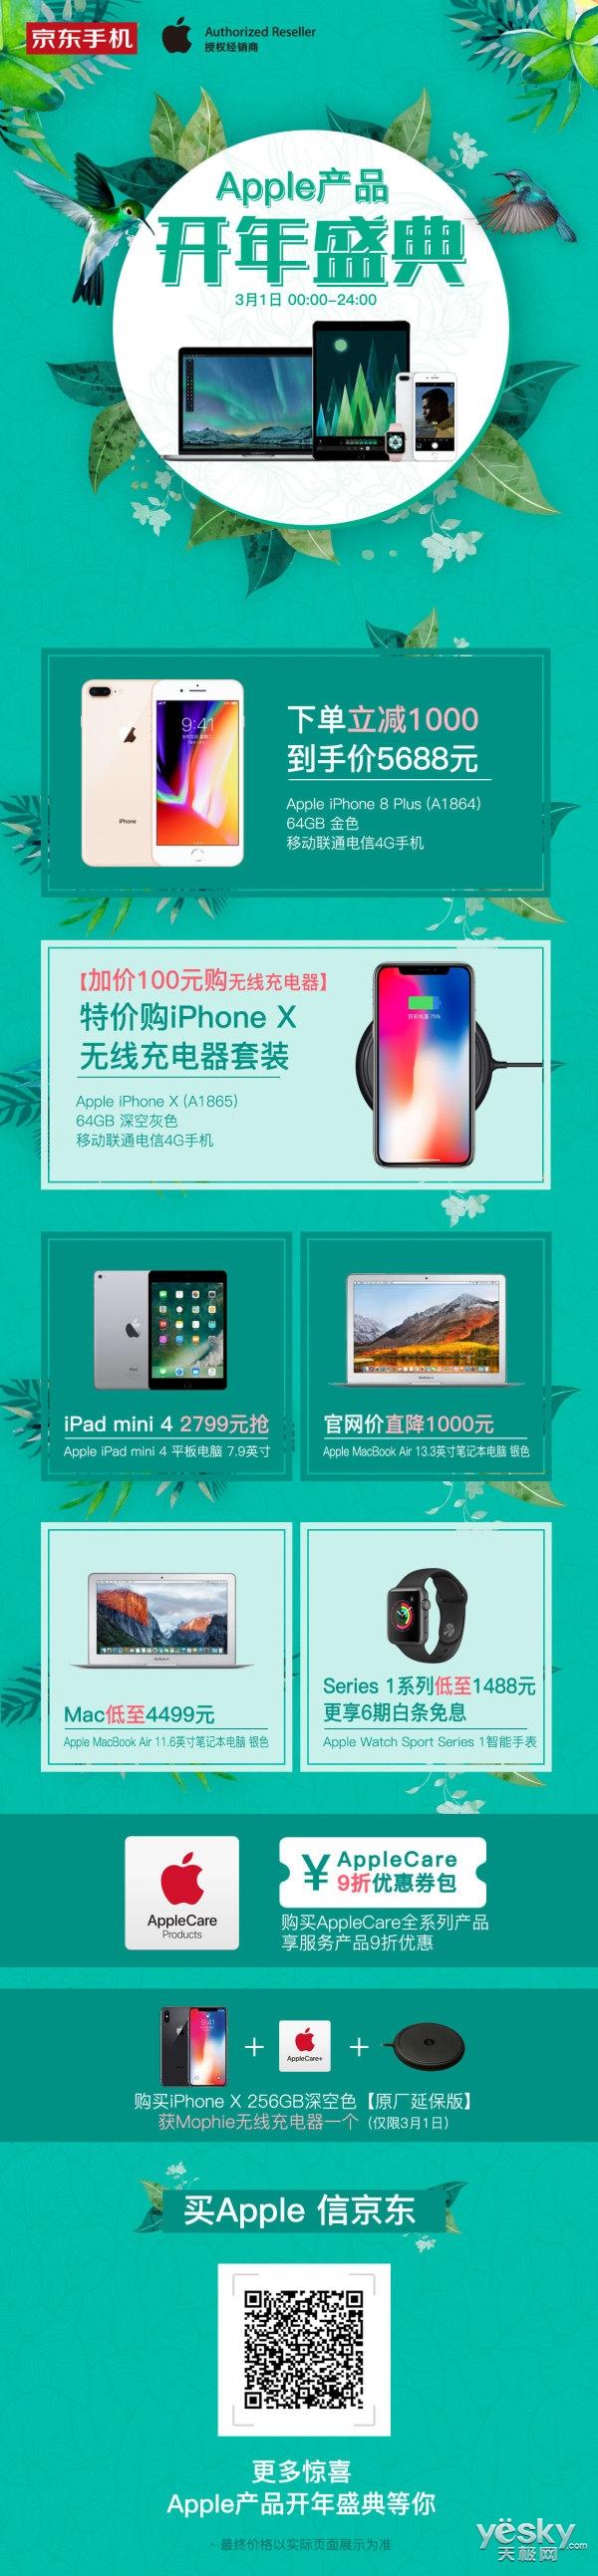 iPhone8P直降千元MacBook Air低至冰点 京东开年盛典竟这么便宜!